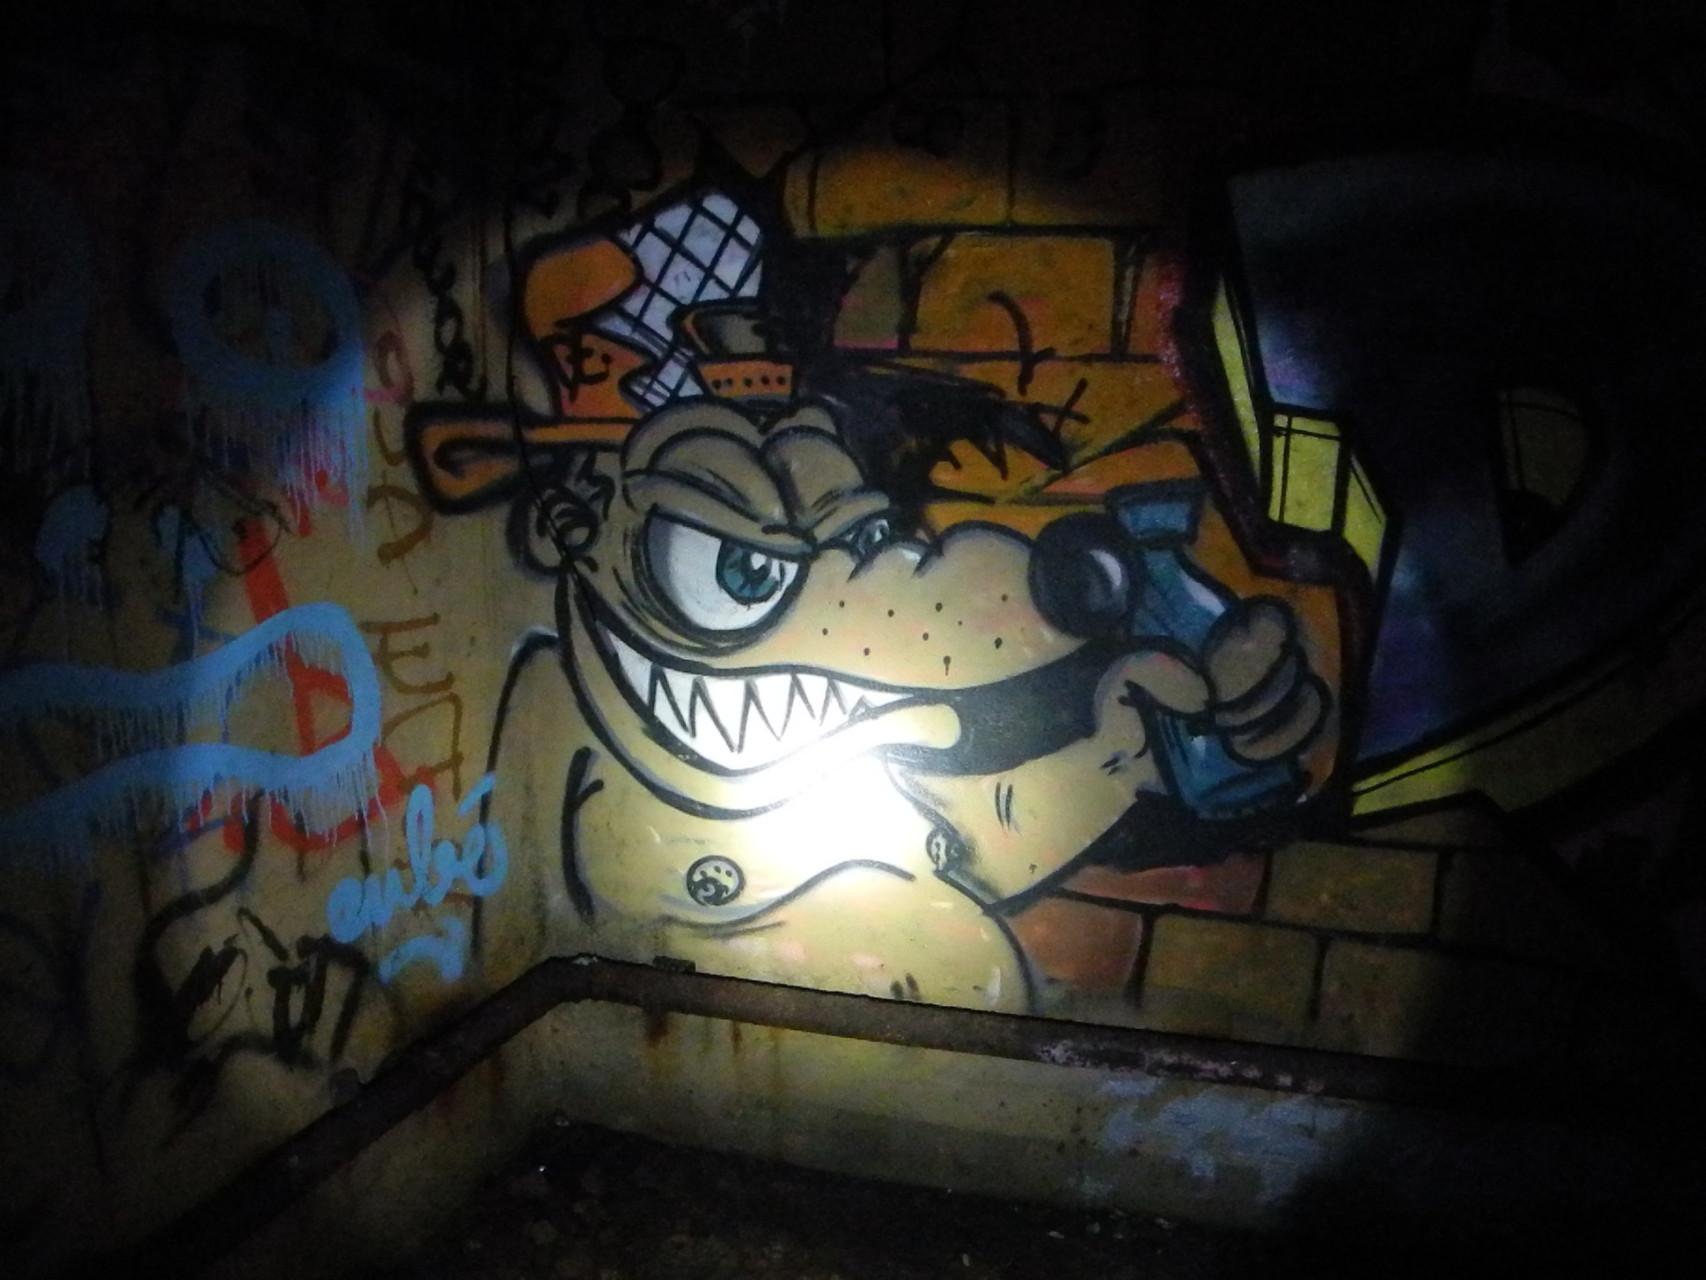 Dans le bunker, de nombreux grafs et tags